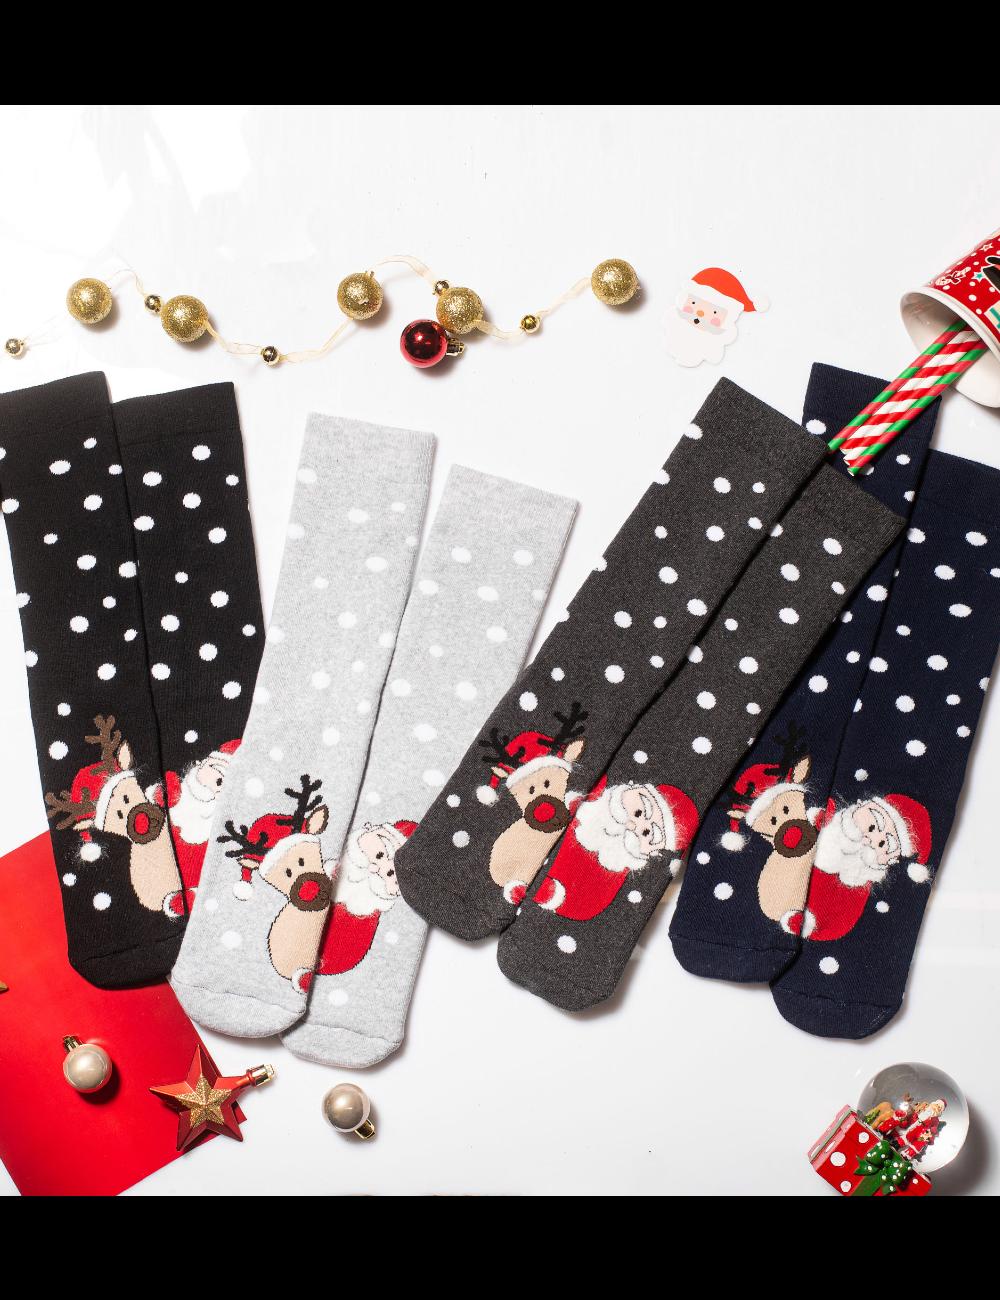 Κάλτσες Χριστουγεννιάτικες Santa & Rudolf Vtexsocks Σετ 4 τμχ